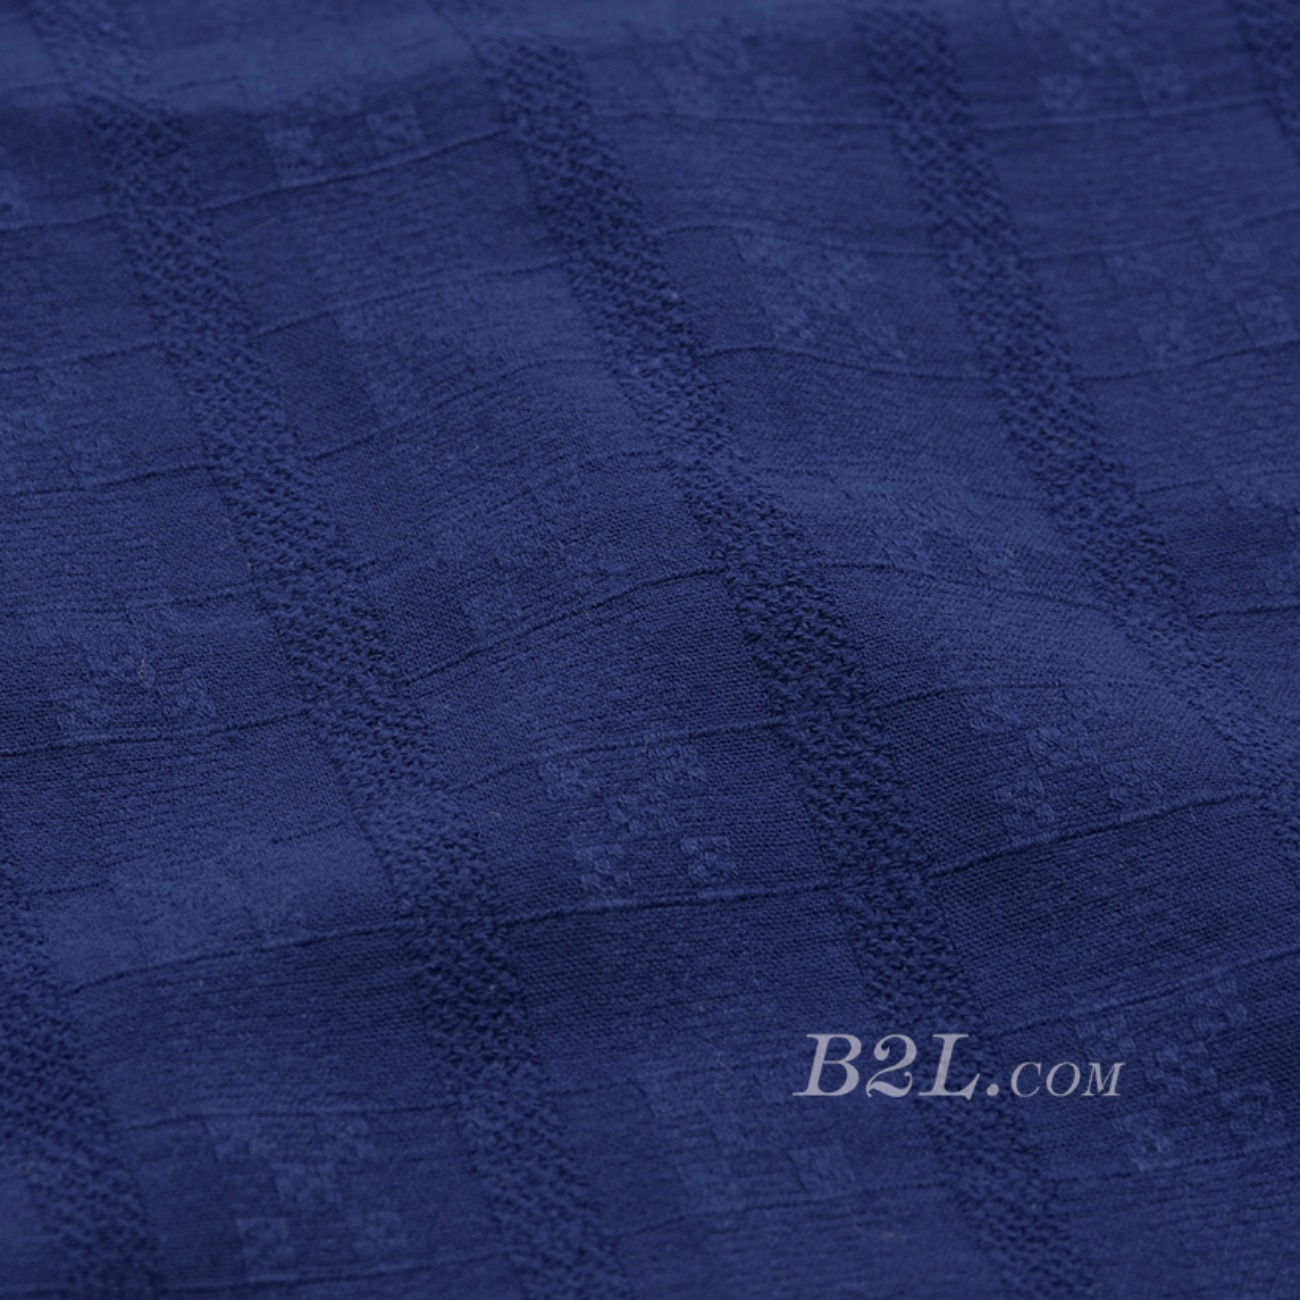 素色 梭织 染色 低弹 小提花 条子 全棉 连衣裙 衬衫 女装  80604-13